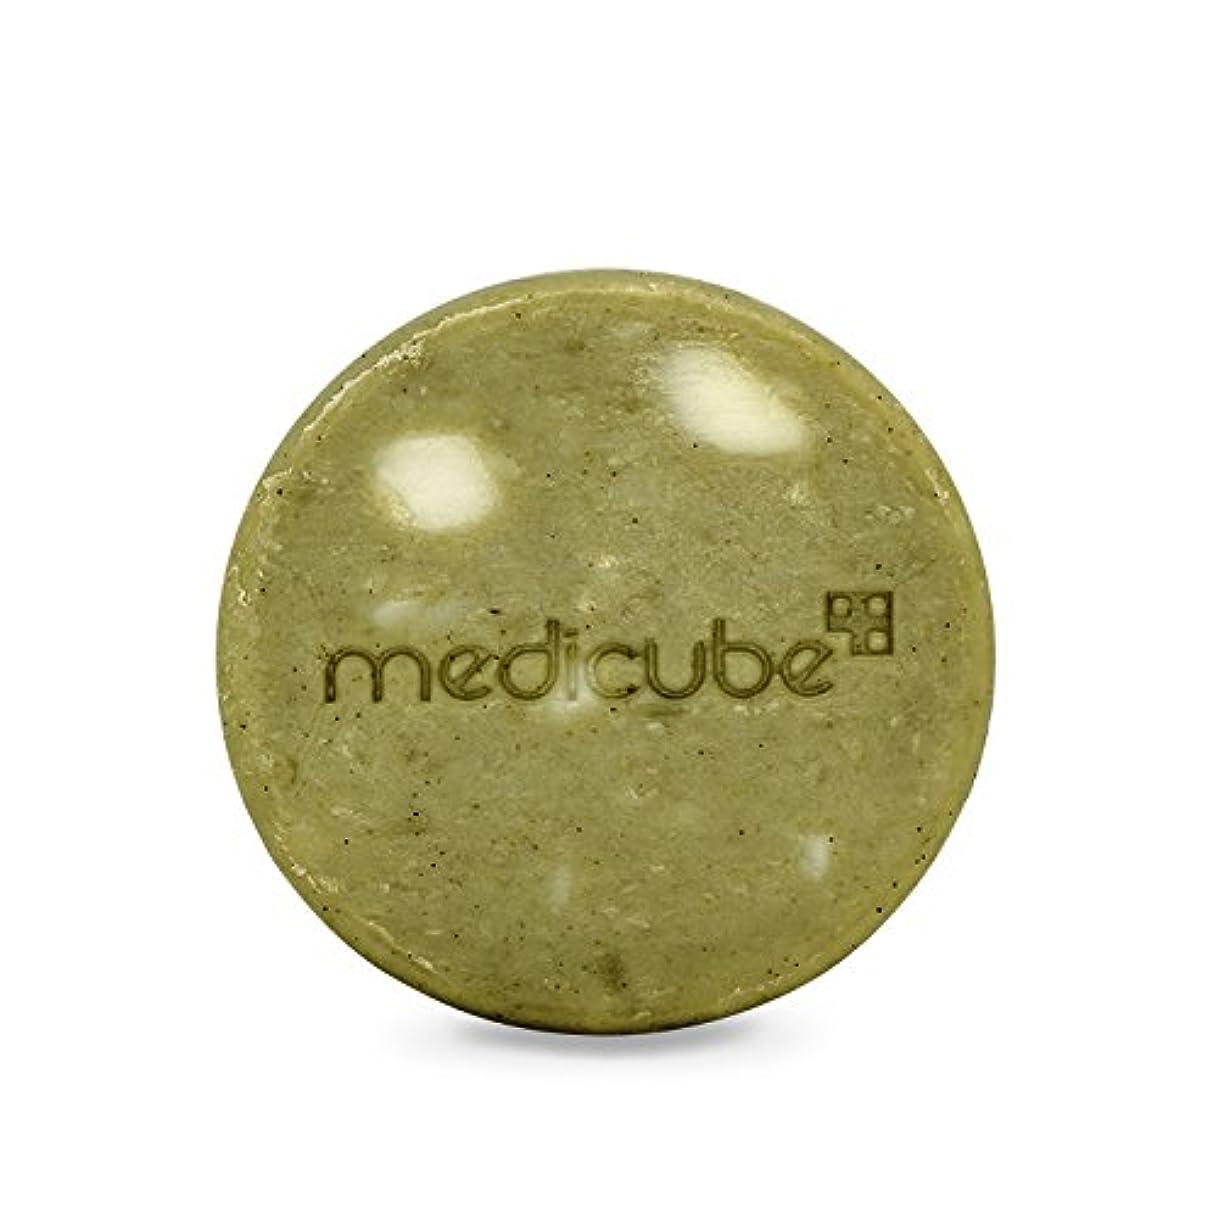 品大脳アドバンテージ[Medicube]Red Body Bar / メディキューブレッドボディバー / 正品?海外直送商品 [並行輸入品]